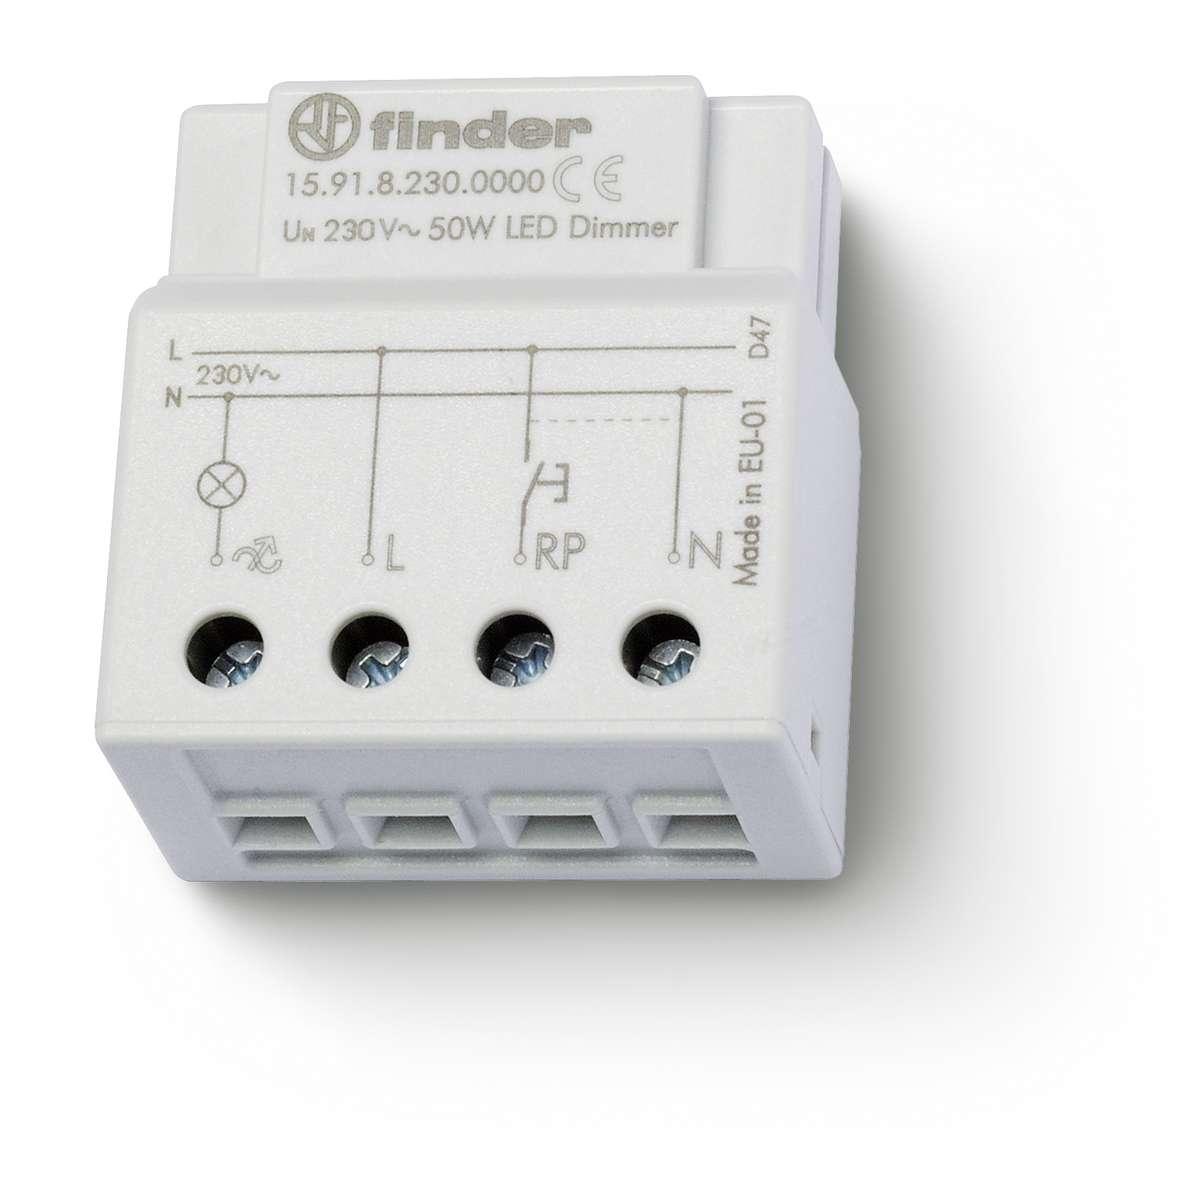 Dimmer, Elektronisch, Kleine Bauart Für UP Dose Oder Schalterdose, Für Dimmbare  LED Lampen Bis 50 W   405660109   15.91.8.230.0000   Texag